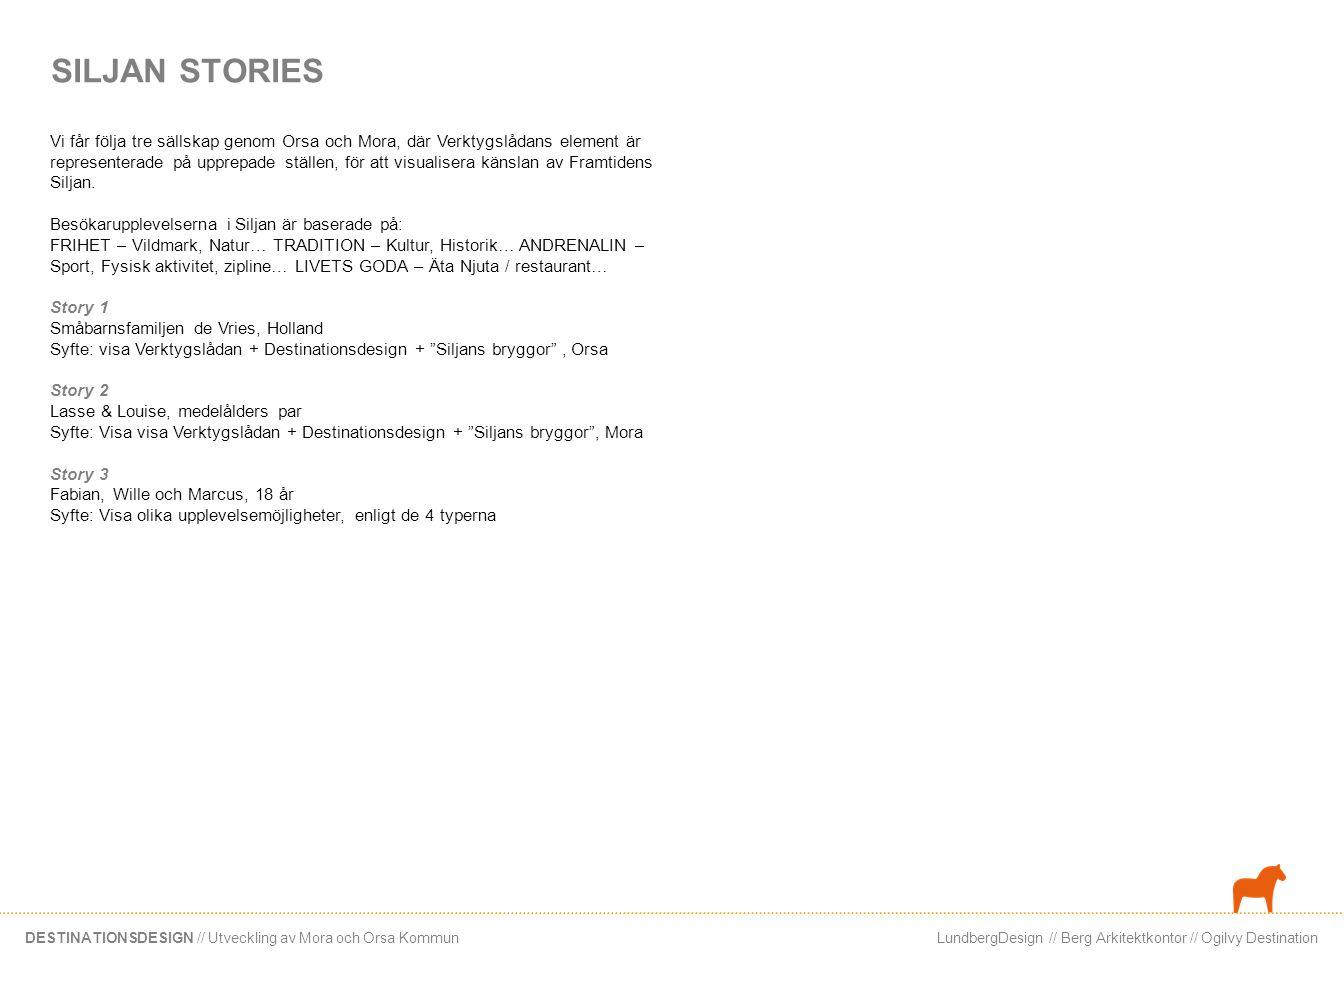 LundbergDesign // Berg Arkitektkontor // Ogilvy DestinationDESTINATIONSDESIGN // Utveckling av Mora och Orsa Kommun FAMILJEN DE VRIES, HOLLAND Story 1 Syfte: Visa Toolbox + Destinationsdesign Orsa och Siljans bryggor , Orsa Småbarnsfamiljen från Holland, Vintersemester i Orsa.